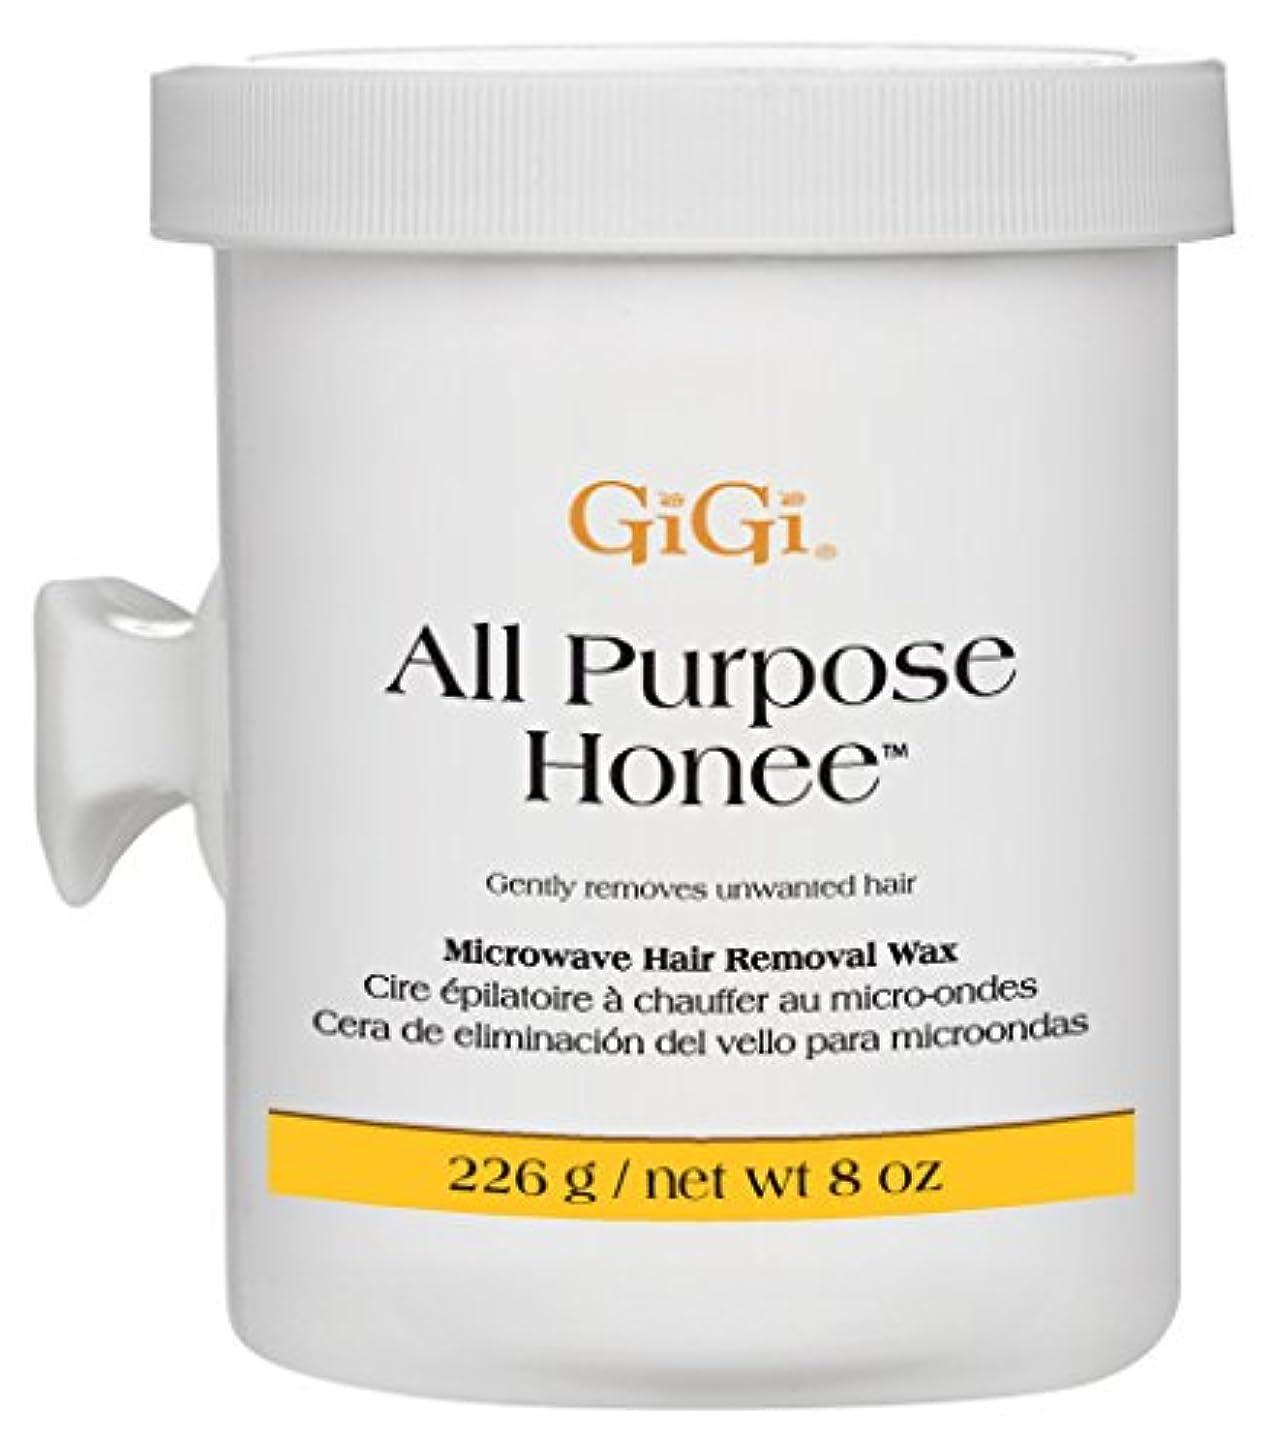 強制的規範望まない(3 Pack) GIGI All Purpose Honee Microwave - GG0365 (並行輸入品)